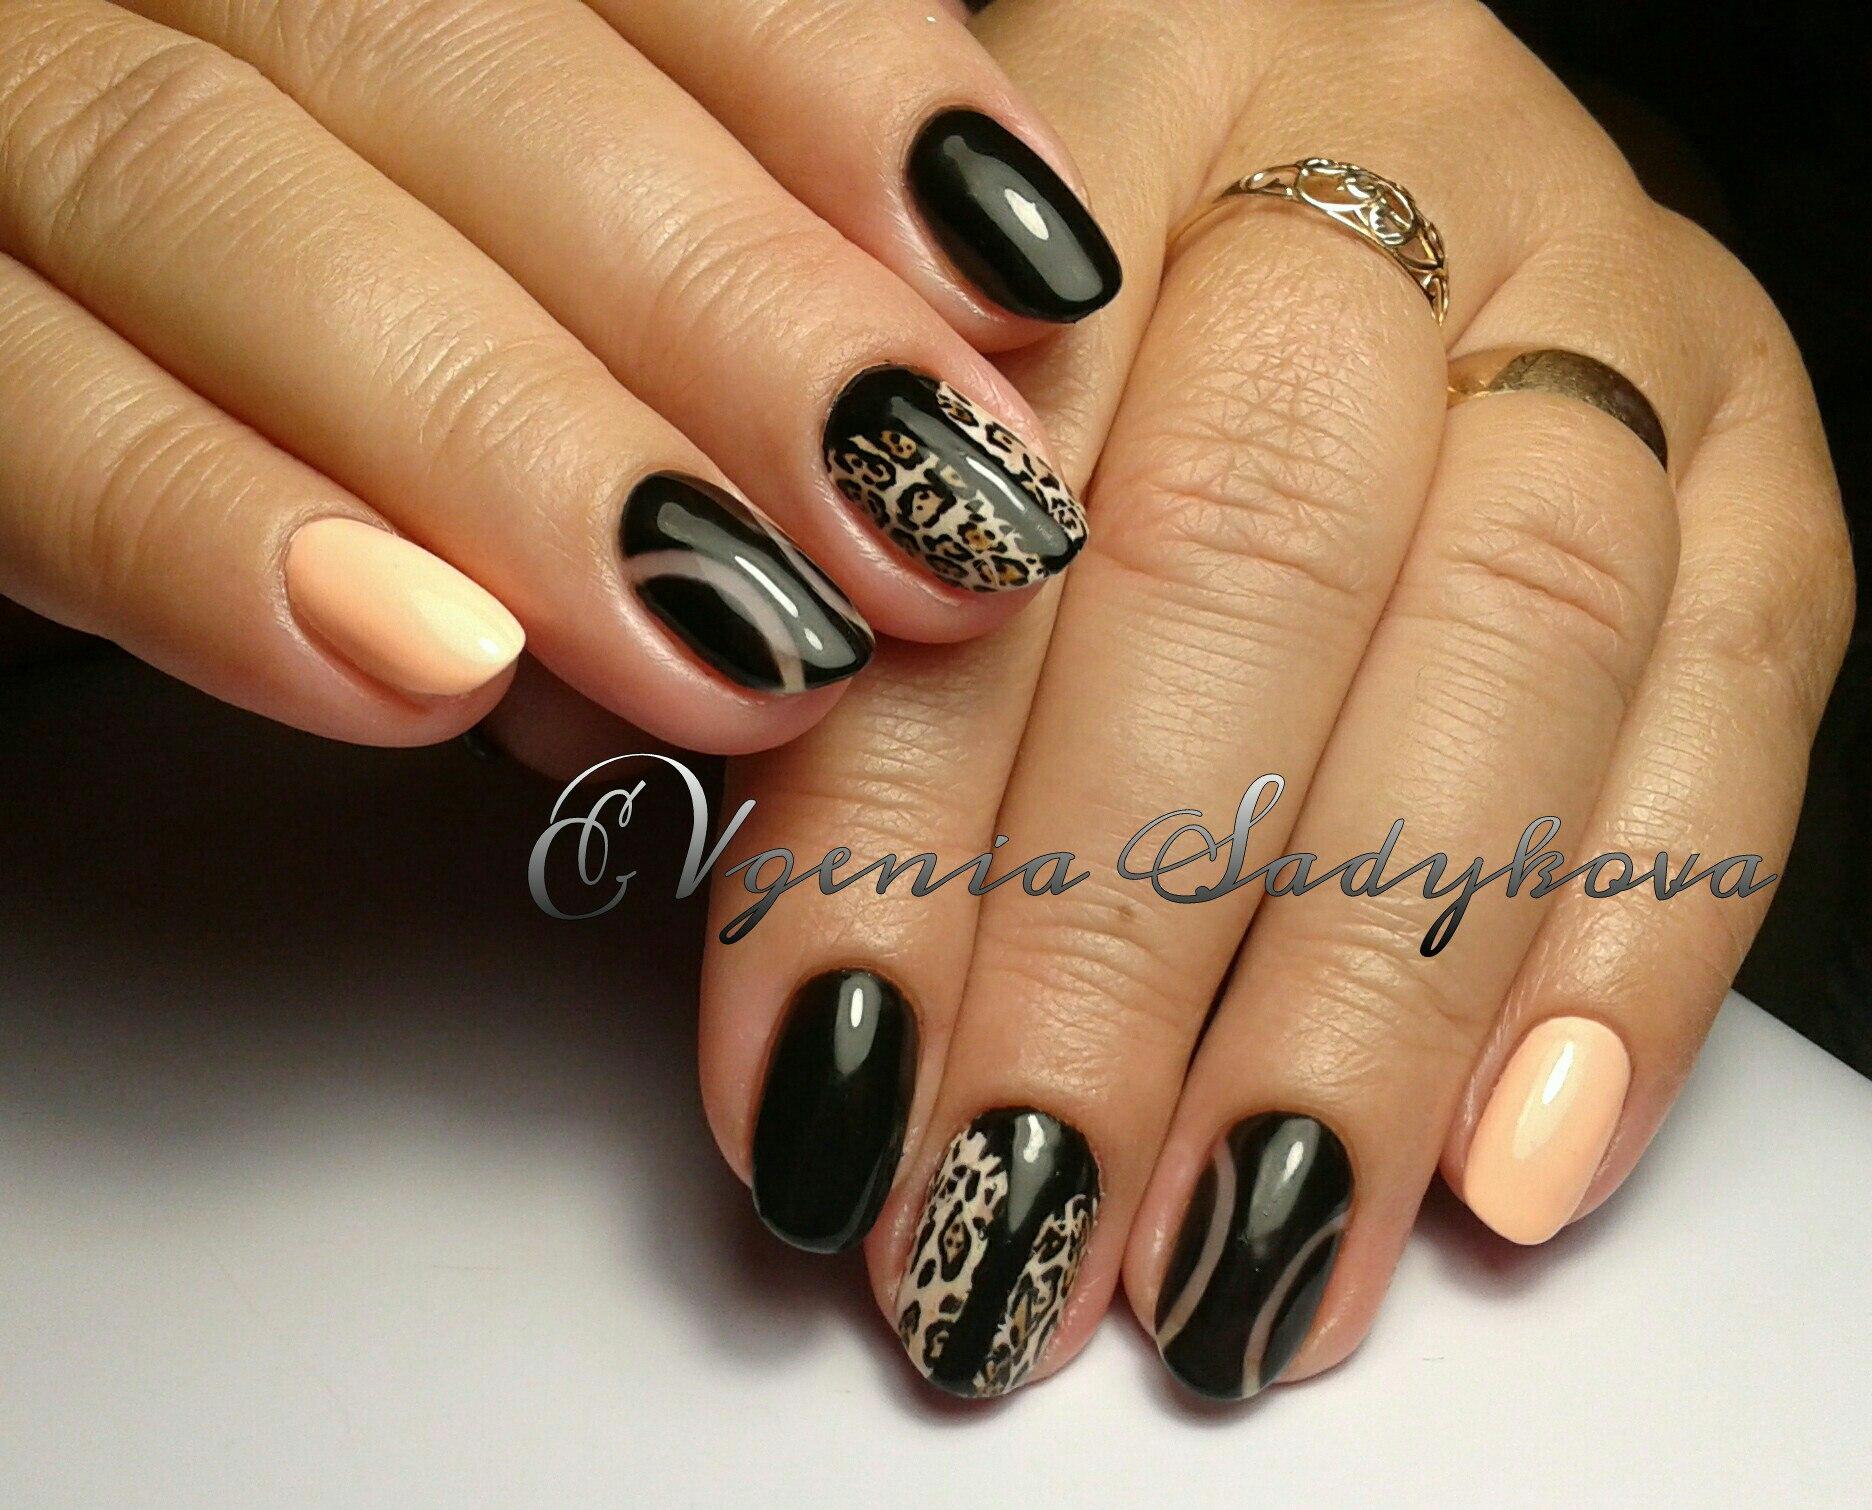 Персиково черный дизайн ногтей фото